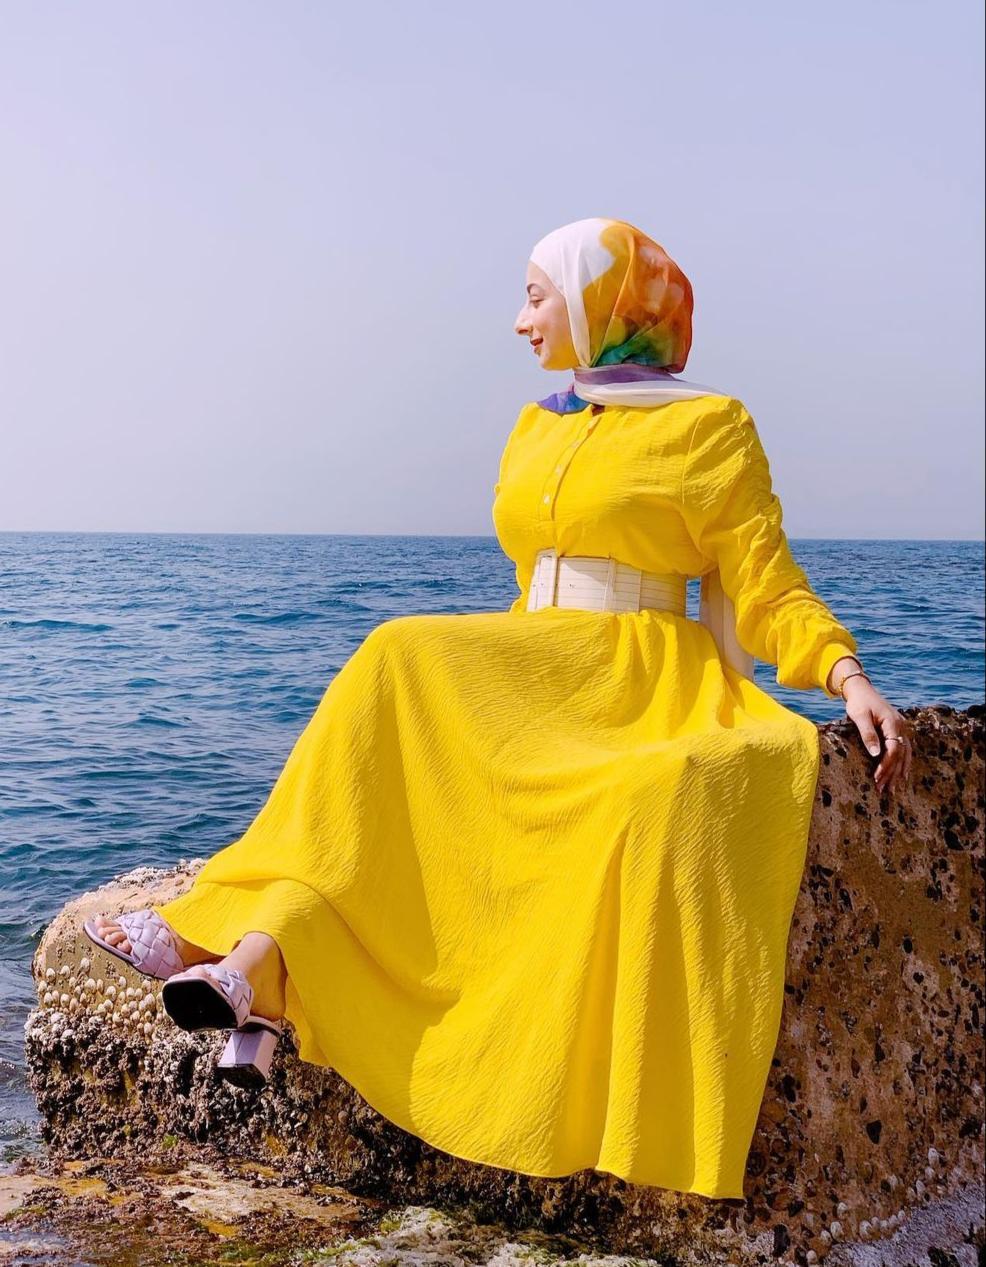 هدير موسى بالفستان الأصفر -الصورة من حسابها على الانستغرام